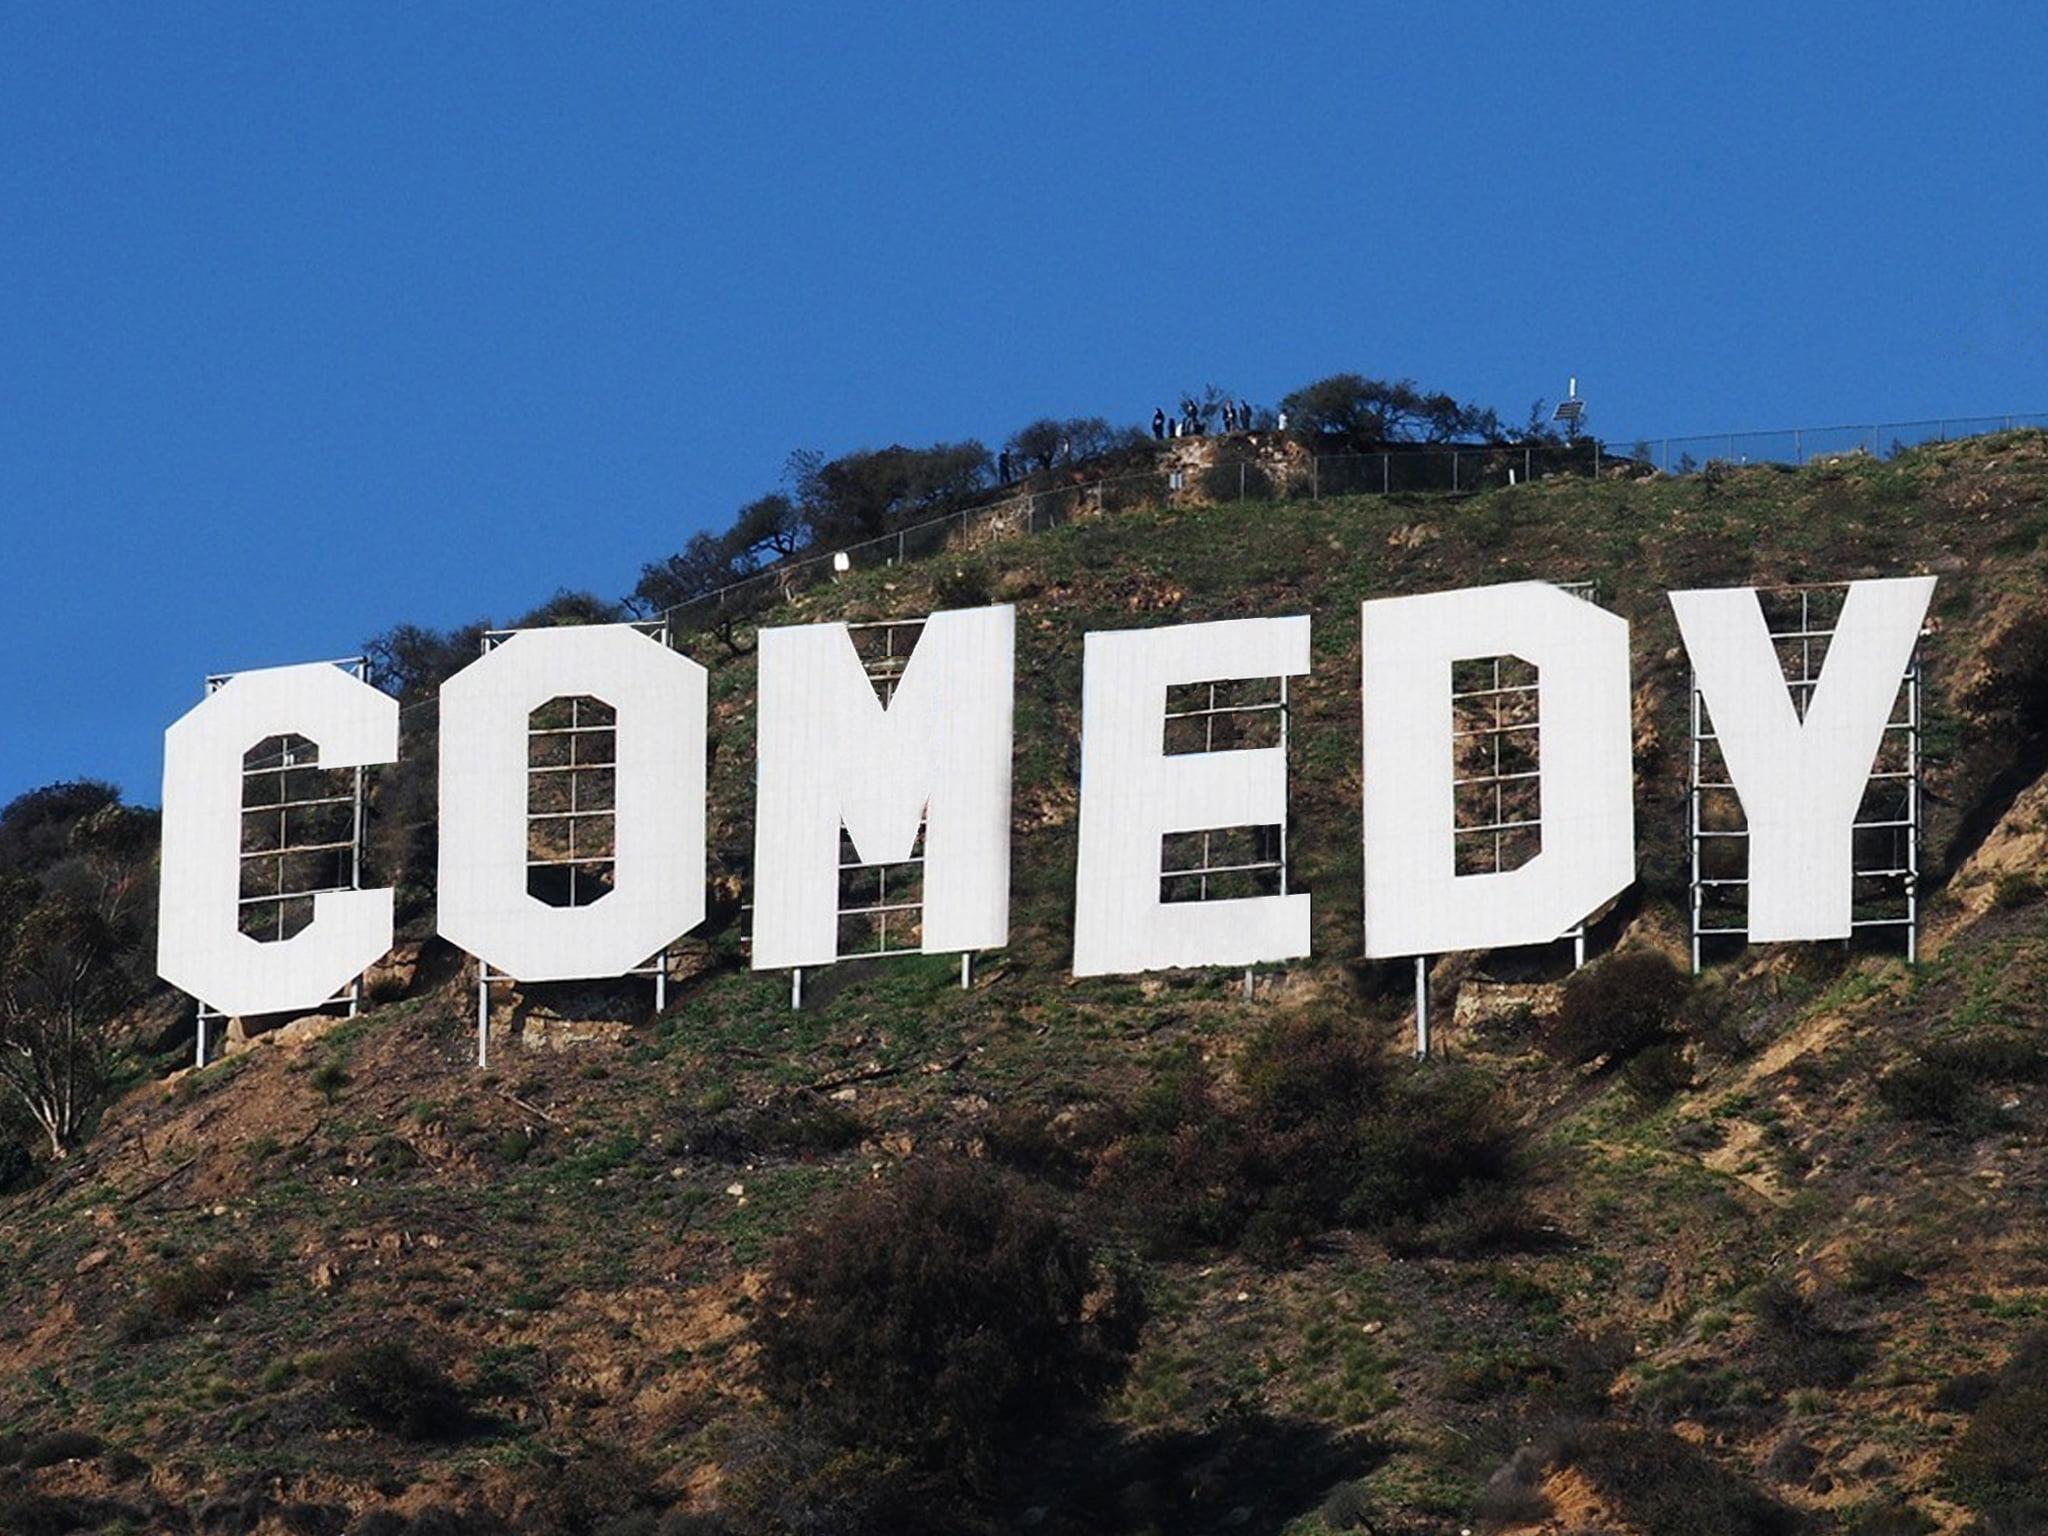 Daftar 5 Film Komedi Terbaik dan Terkocak Yang Wajib Kamu Tonton